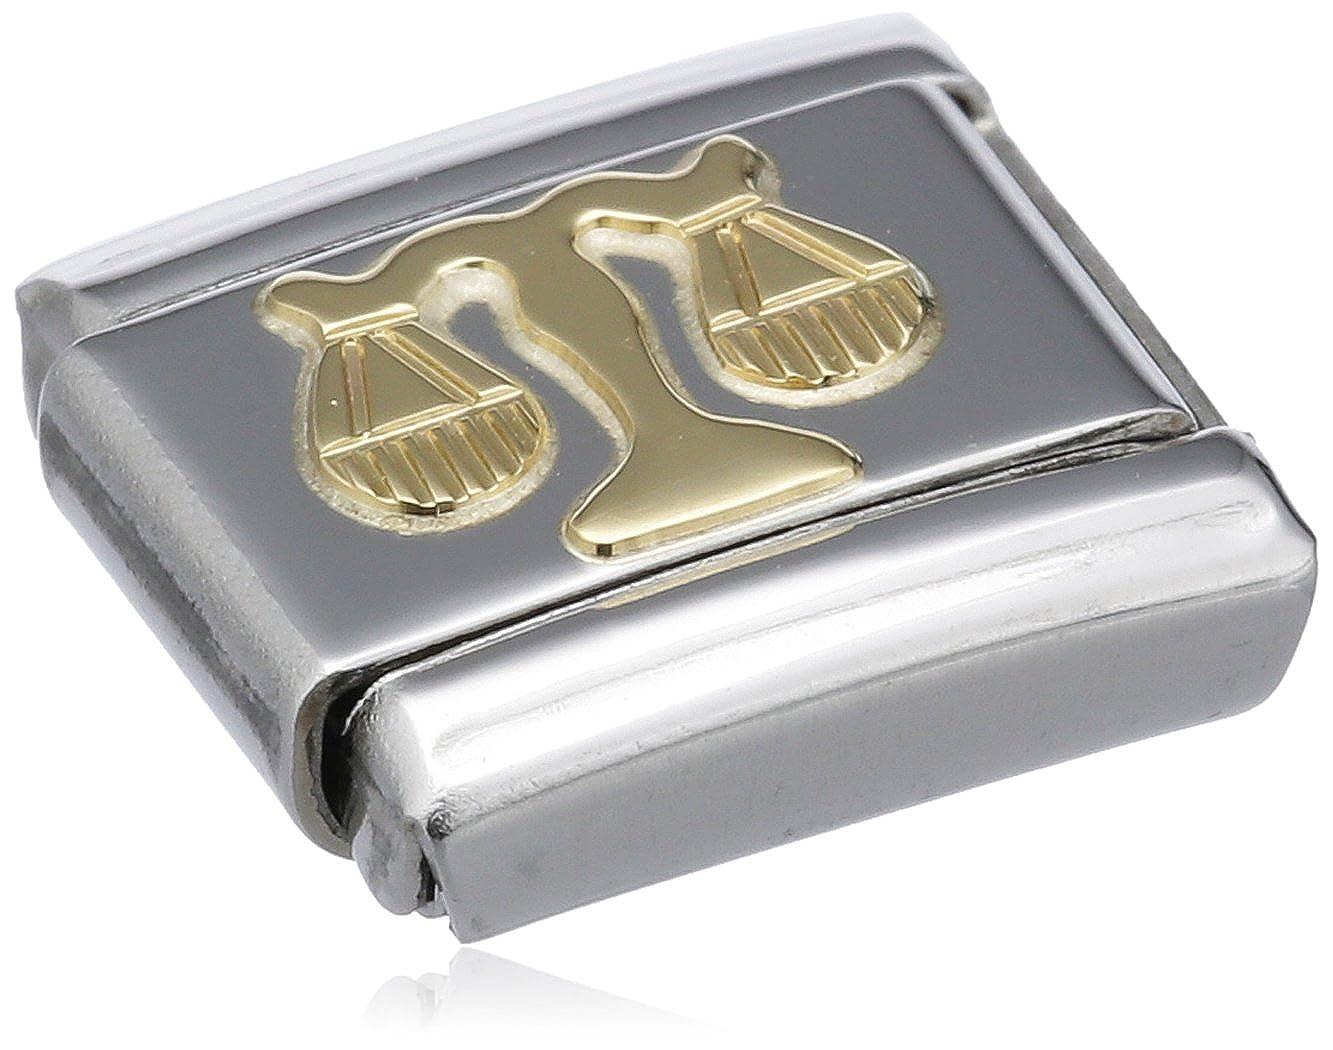 Maillon pour bracelet composable Mixte Nomination Balance 030104 Acier inoxydable et Or jaune 18 cts Signe astrologique